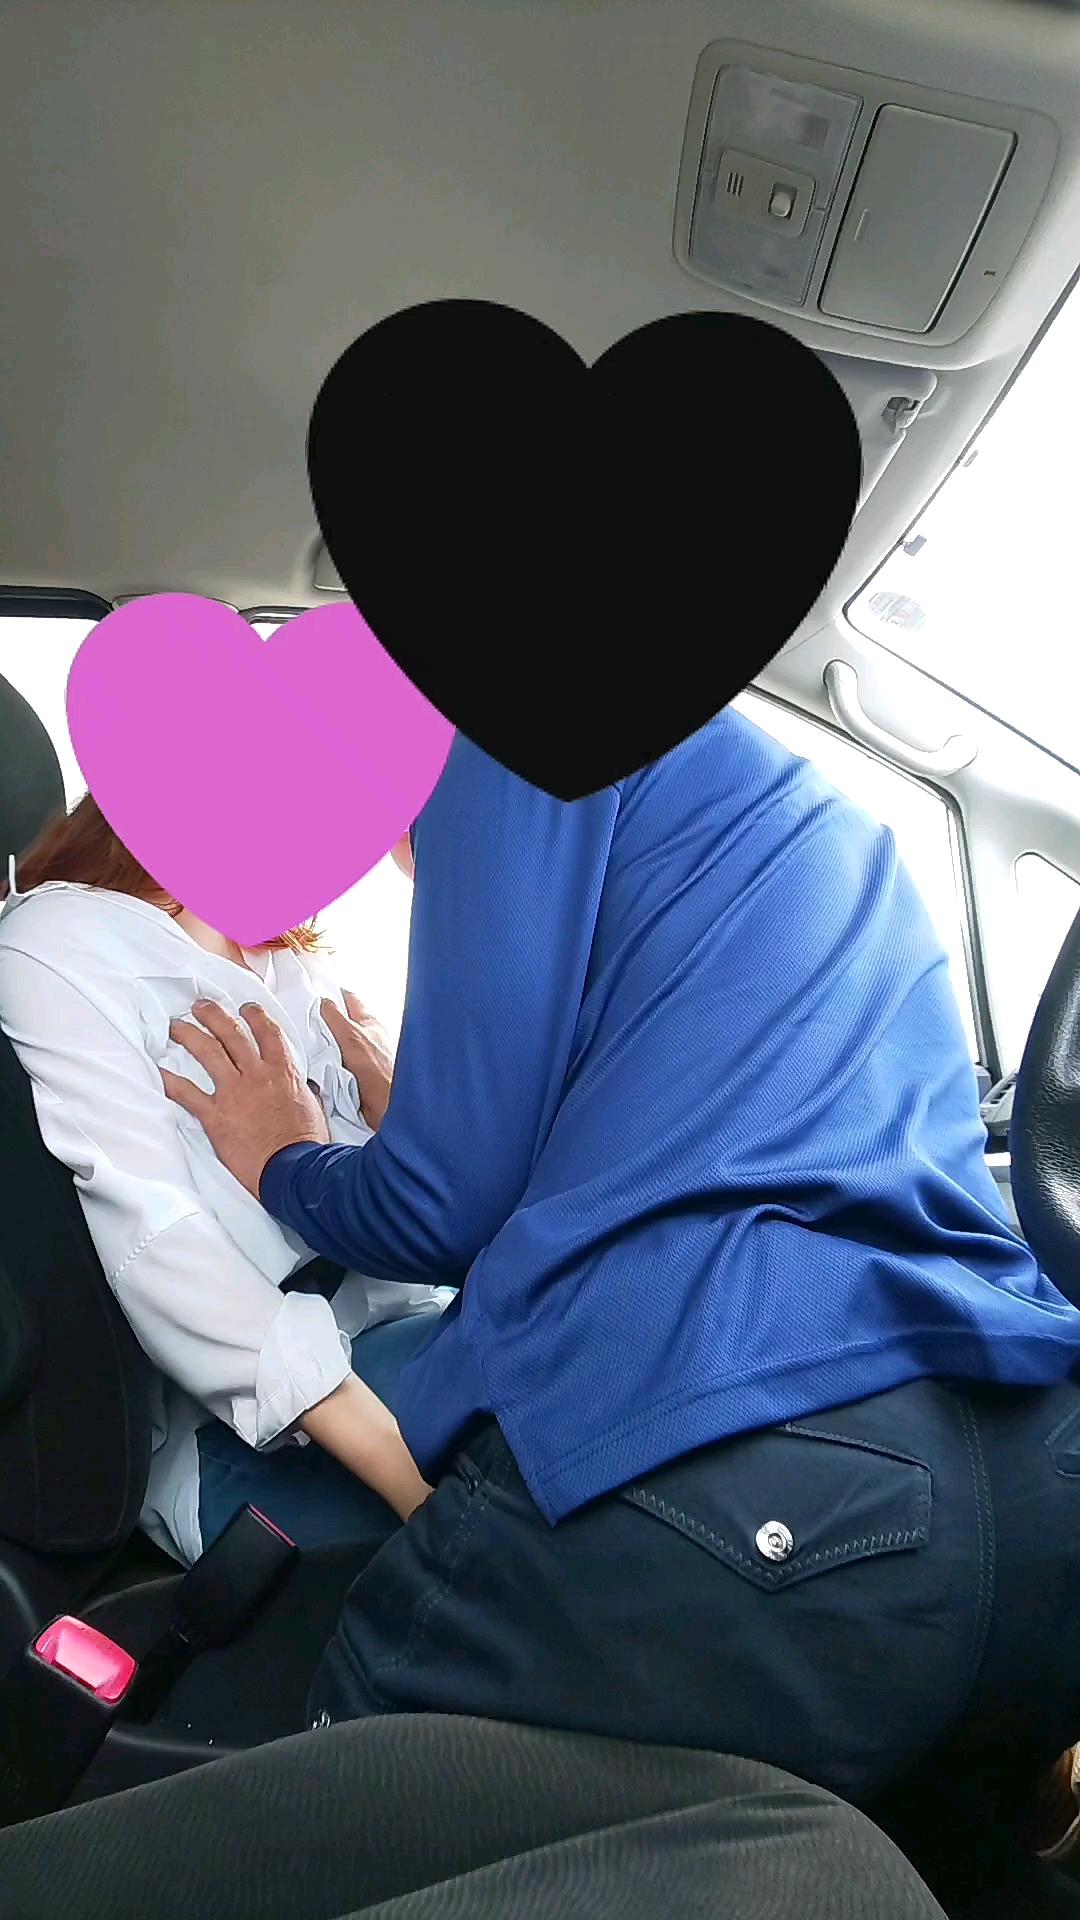 完全オリジナル【昼下がりの駐車場で若妻と車内スケベF行為】個人撮影